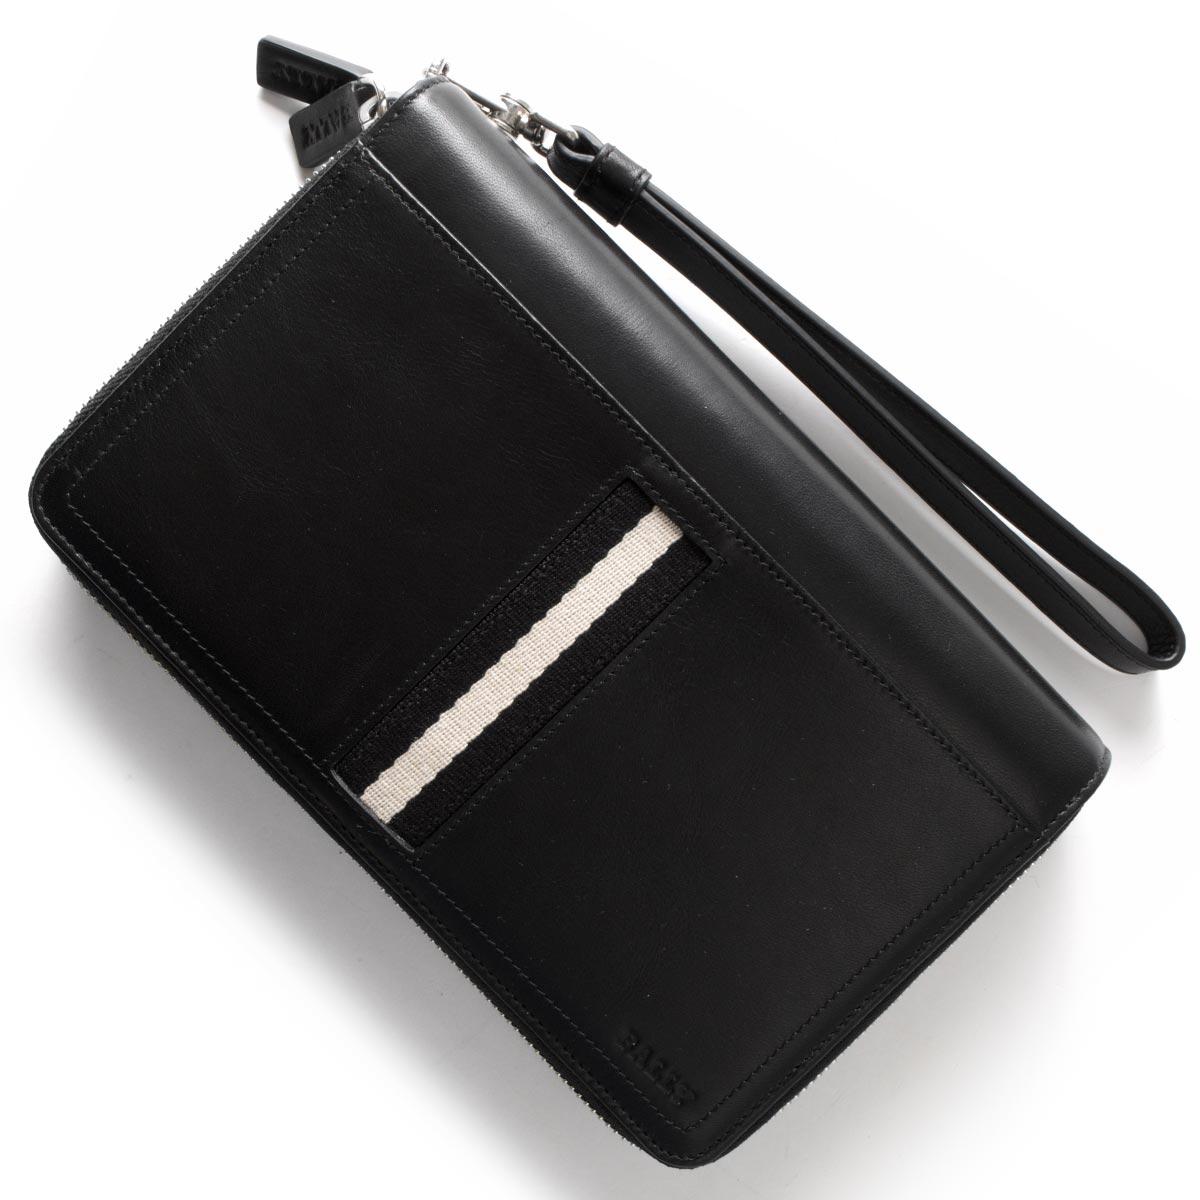 バリー BALLY 長財布/マルチケース TINGER ブラック TINGER 290 メンズ:ブランドショップ ブルーク